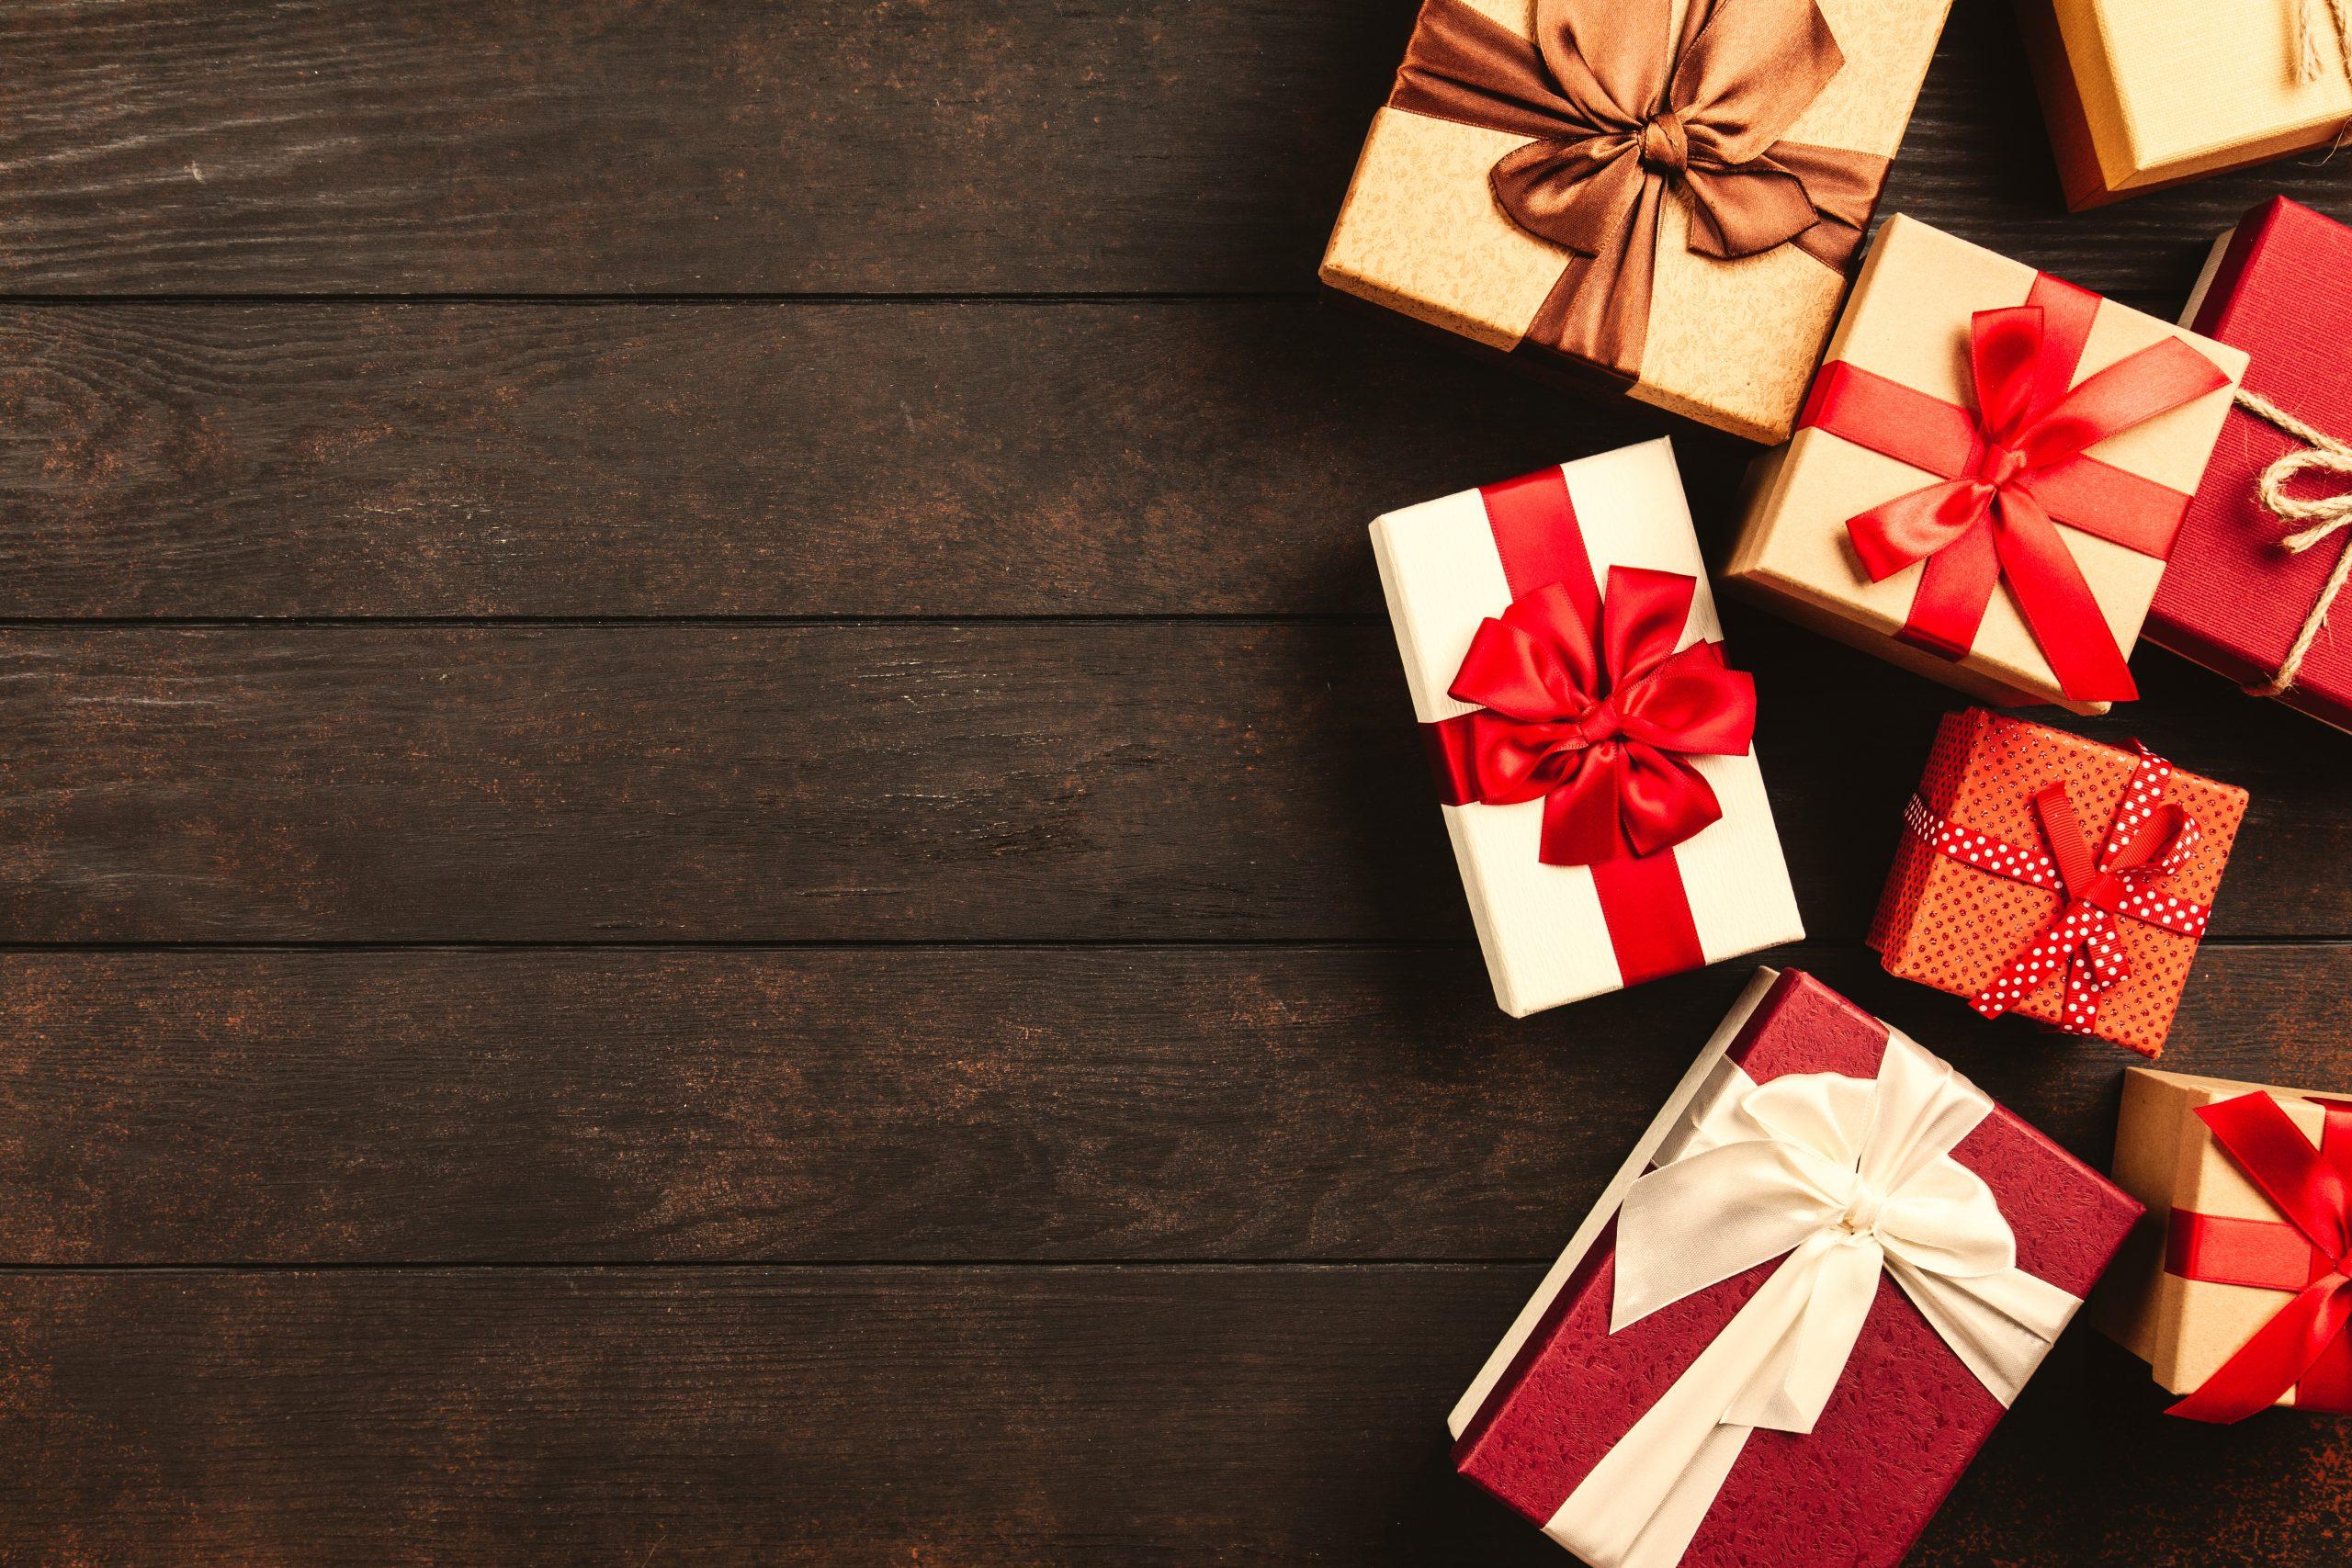 Cadeau voor vriendin